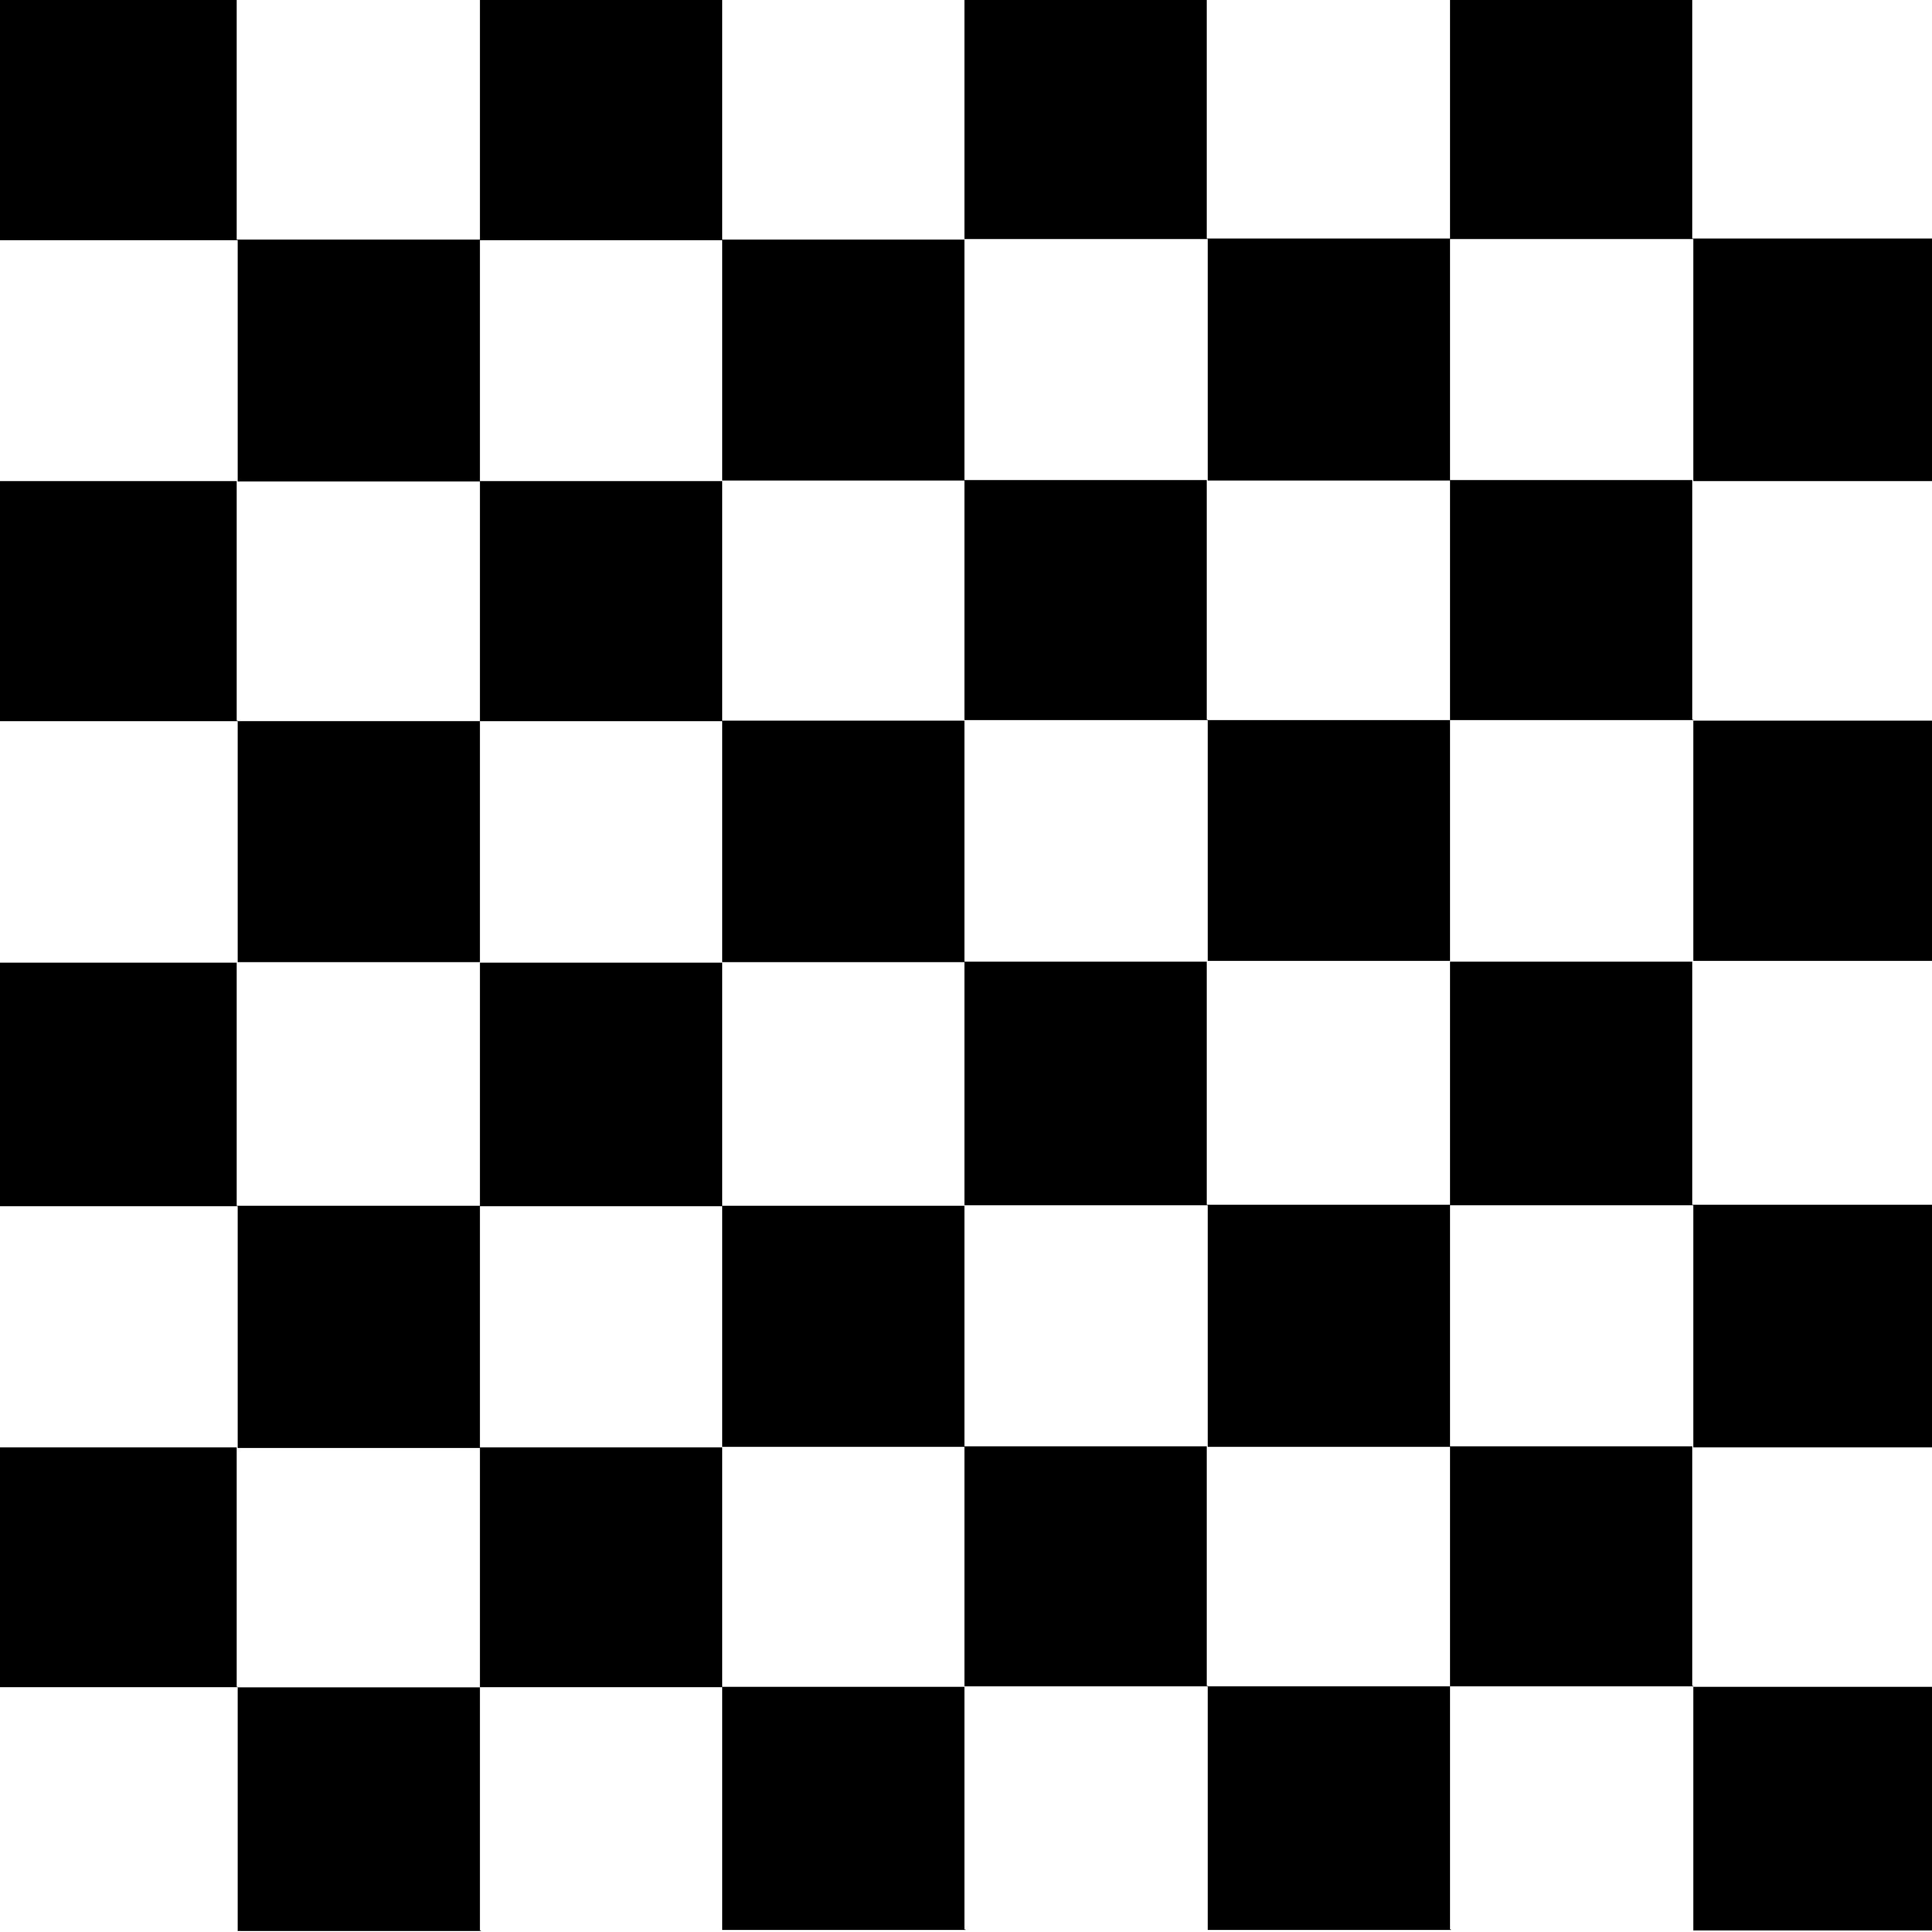 Fotos Gratis En Blanco Y Negro Textura Bandera